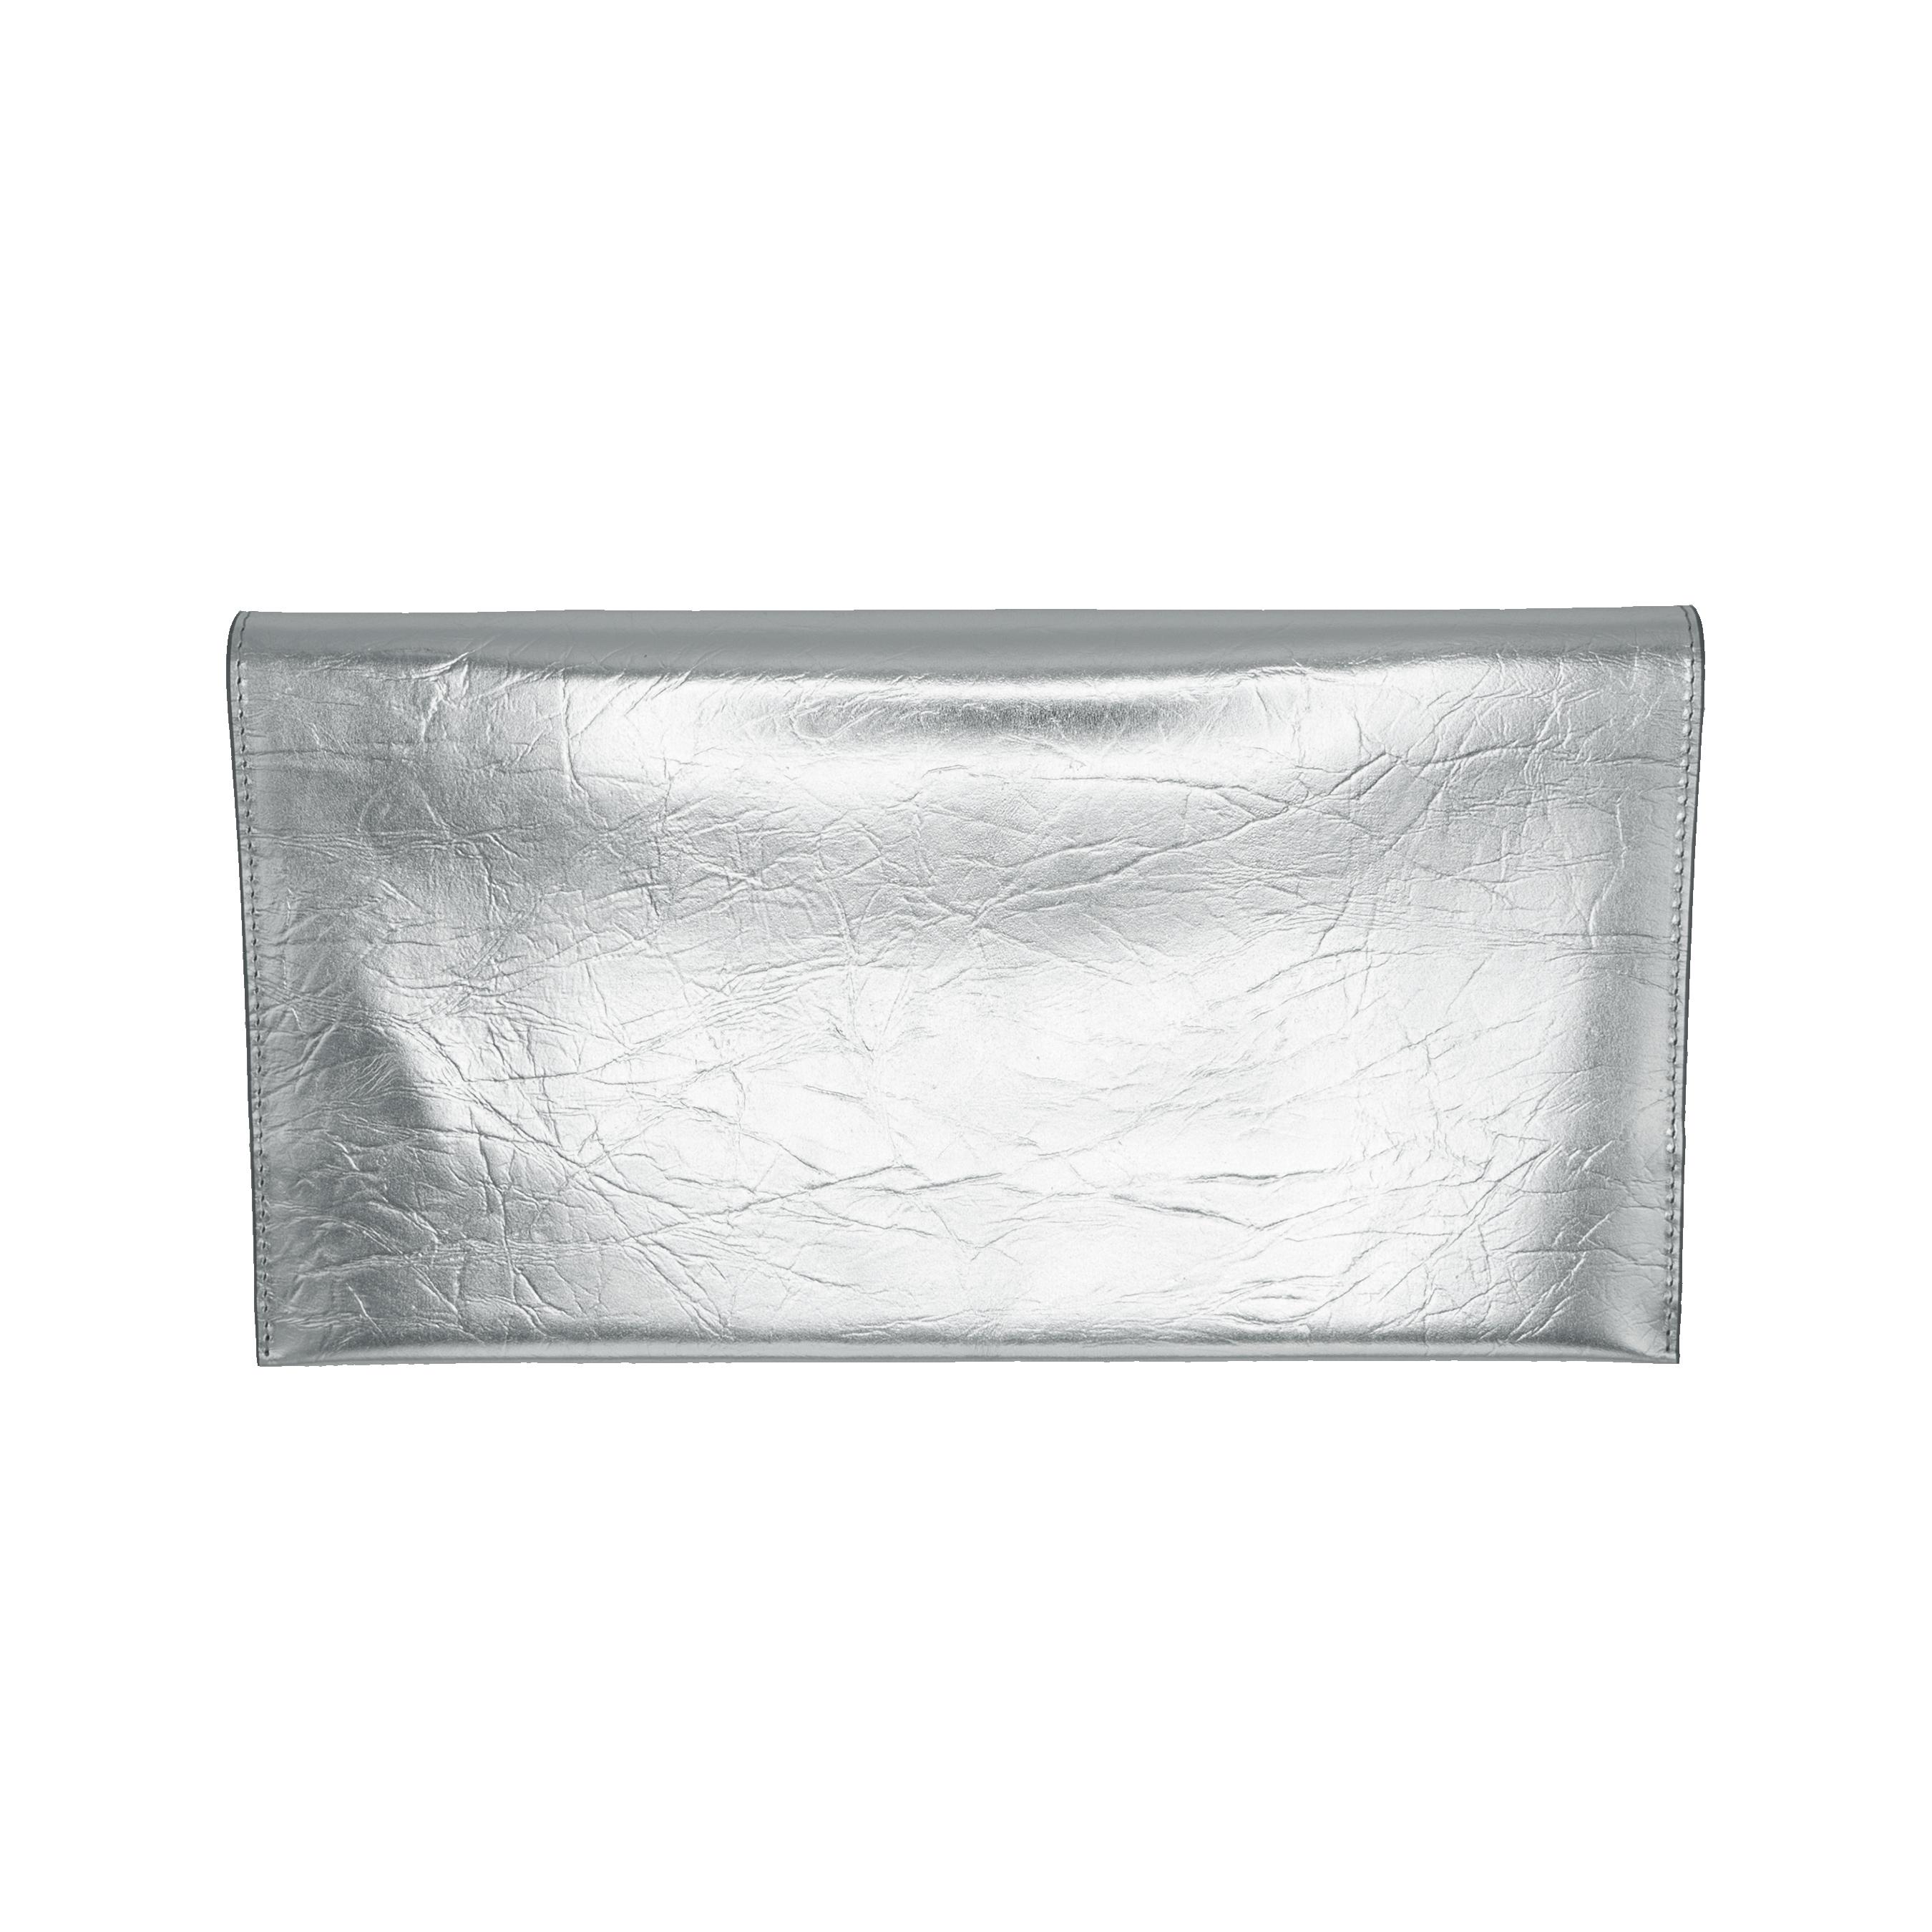 《クラッチバッグ》TIN BREATH Clutch bag Silver